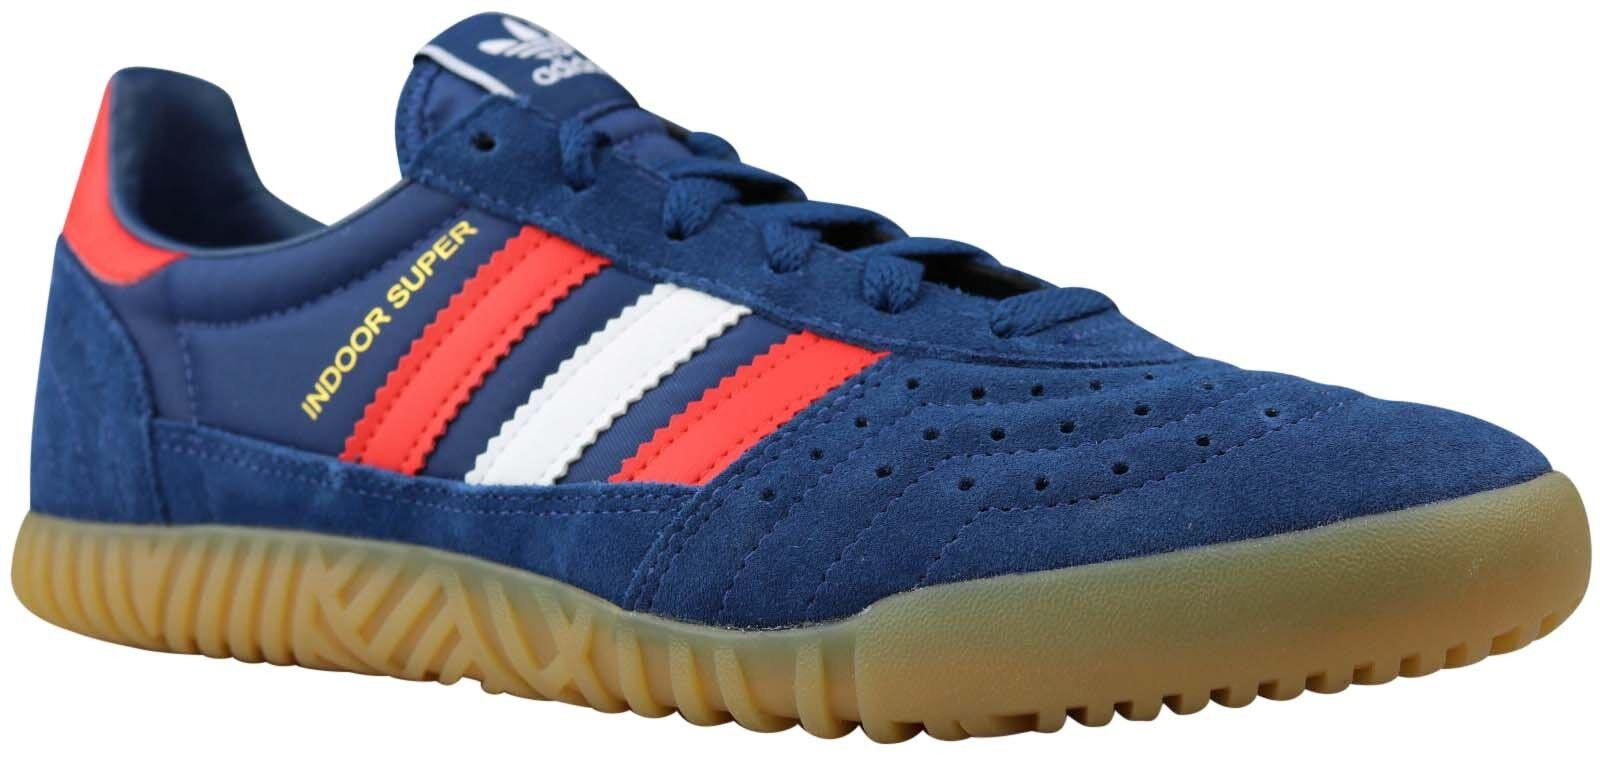 Adidas indoor Super calcetines cortos zapatos by9769 azul Gr. 40 40,5 42 nuevo & OVP